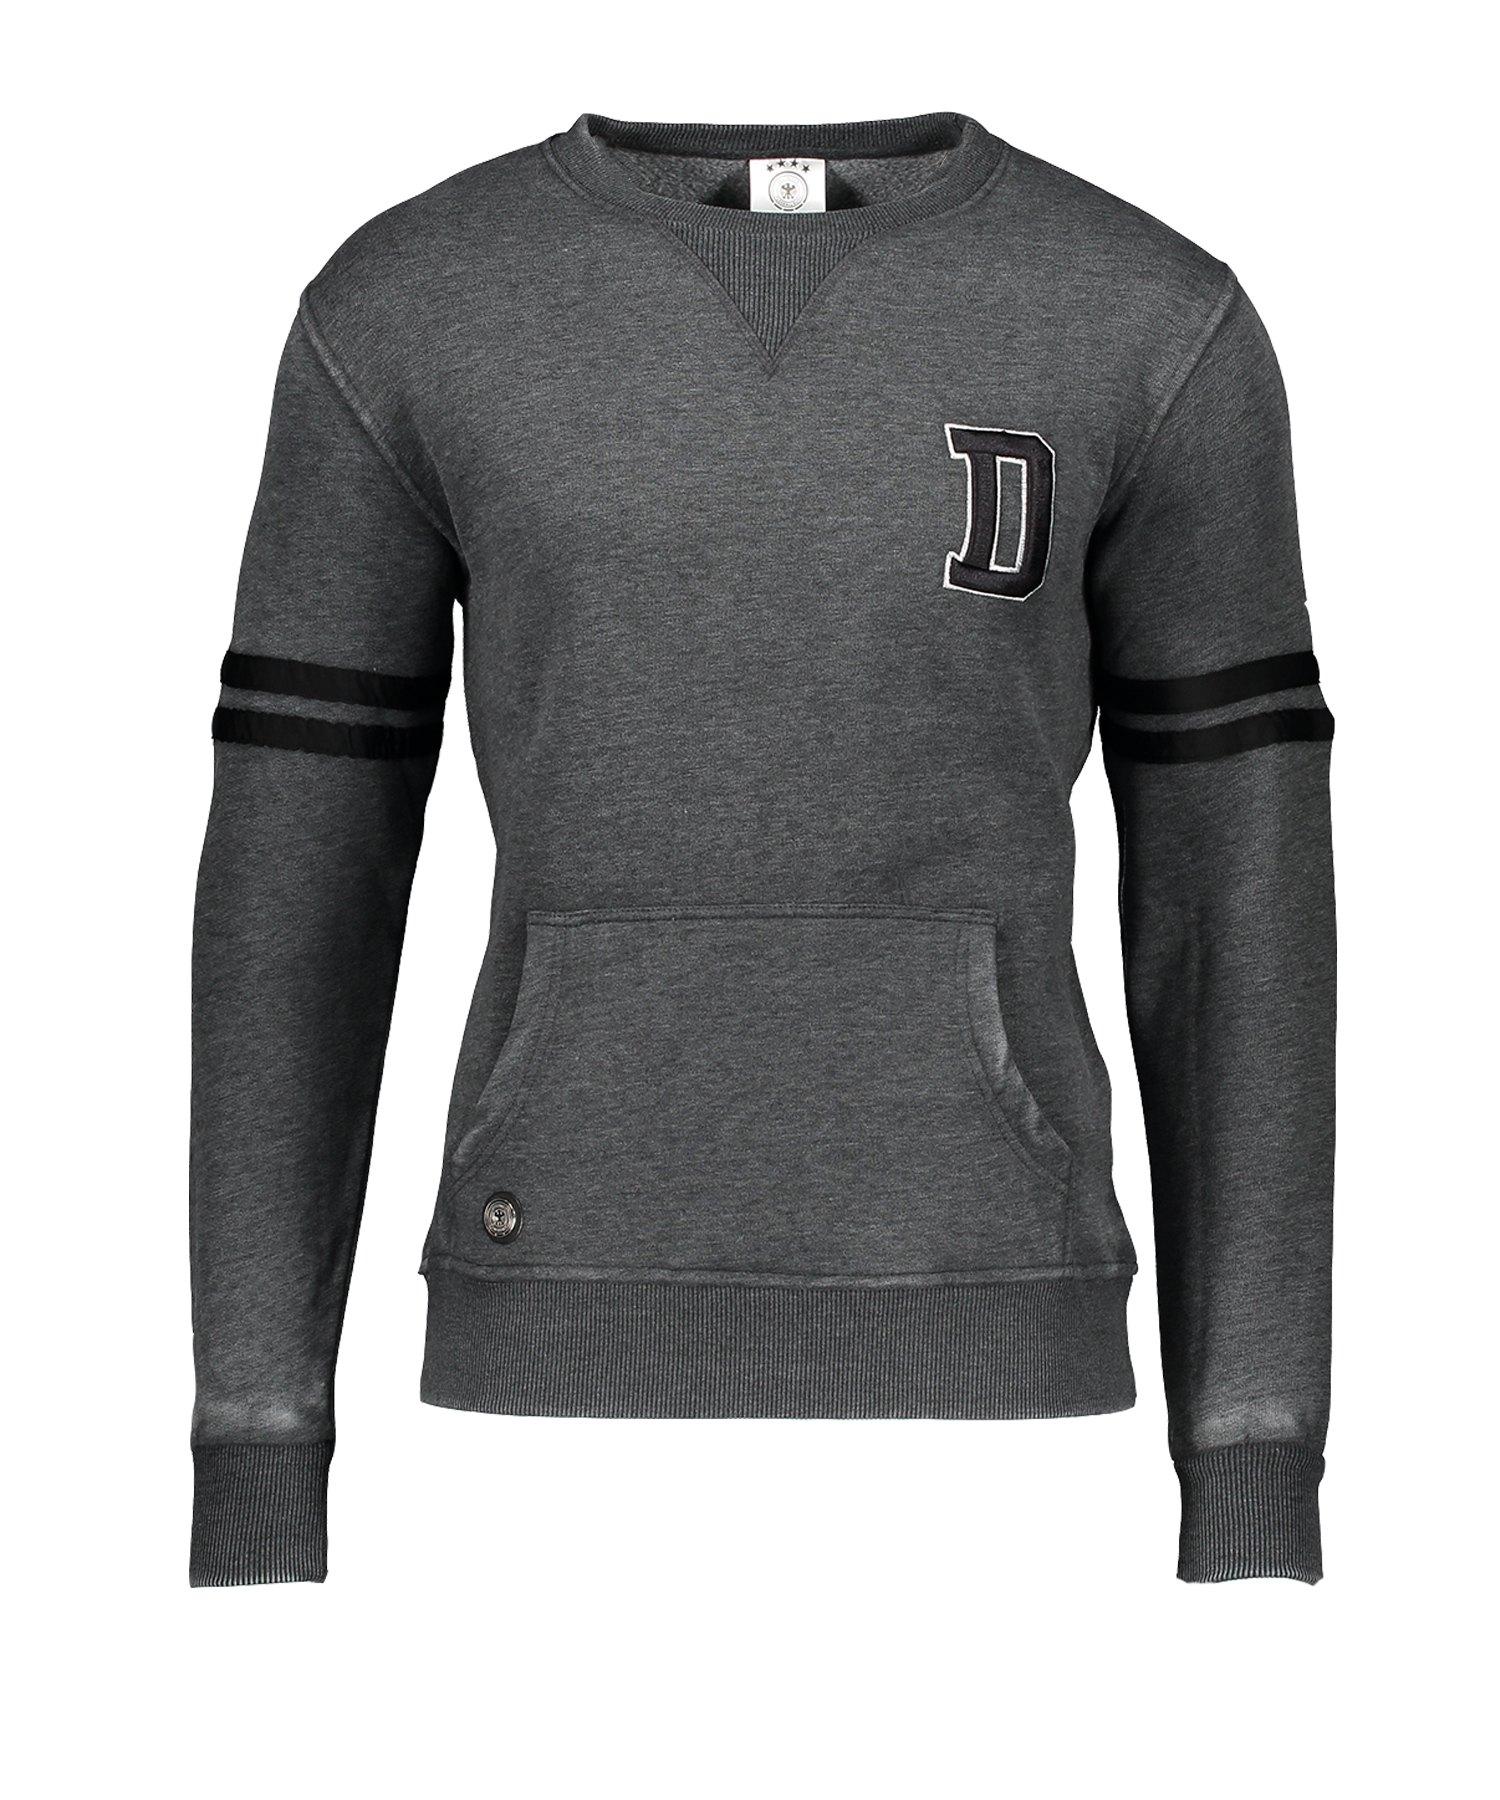 DFB Deutschland Urban Sweatshirt Grau